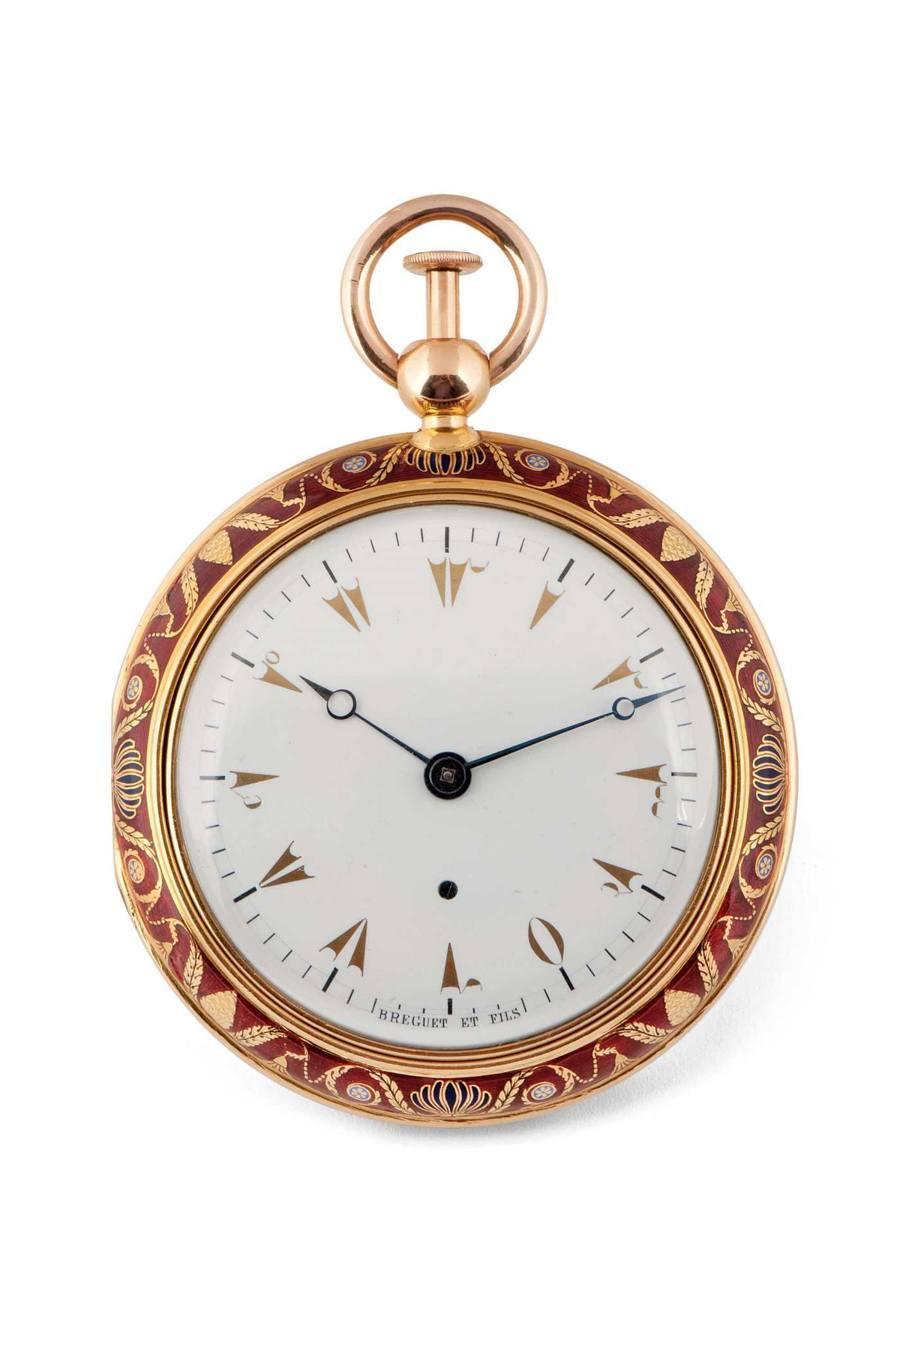 Türkische Uhr mit Viertelstundenrepetition Breguet Nr. 2090